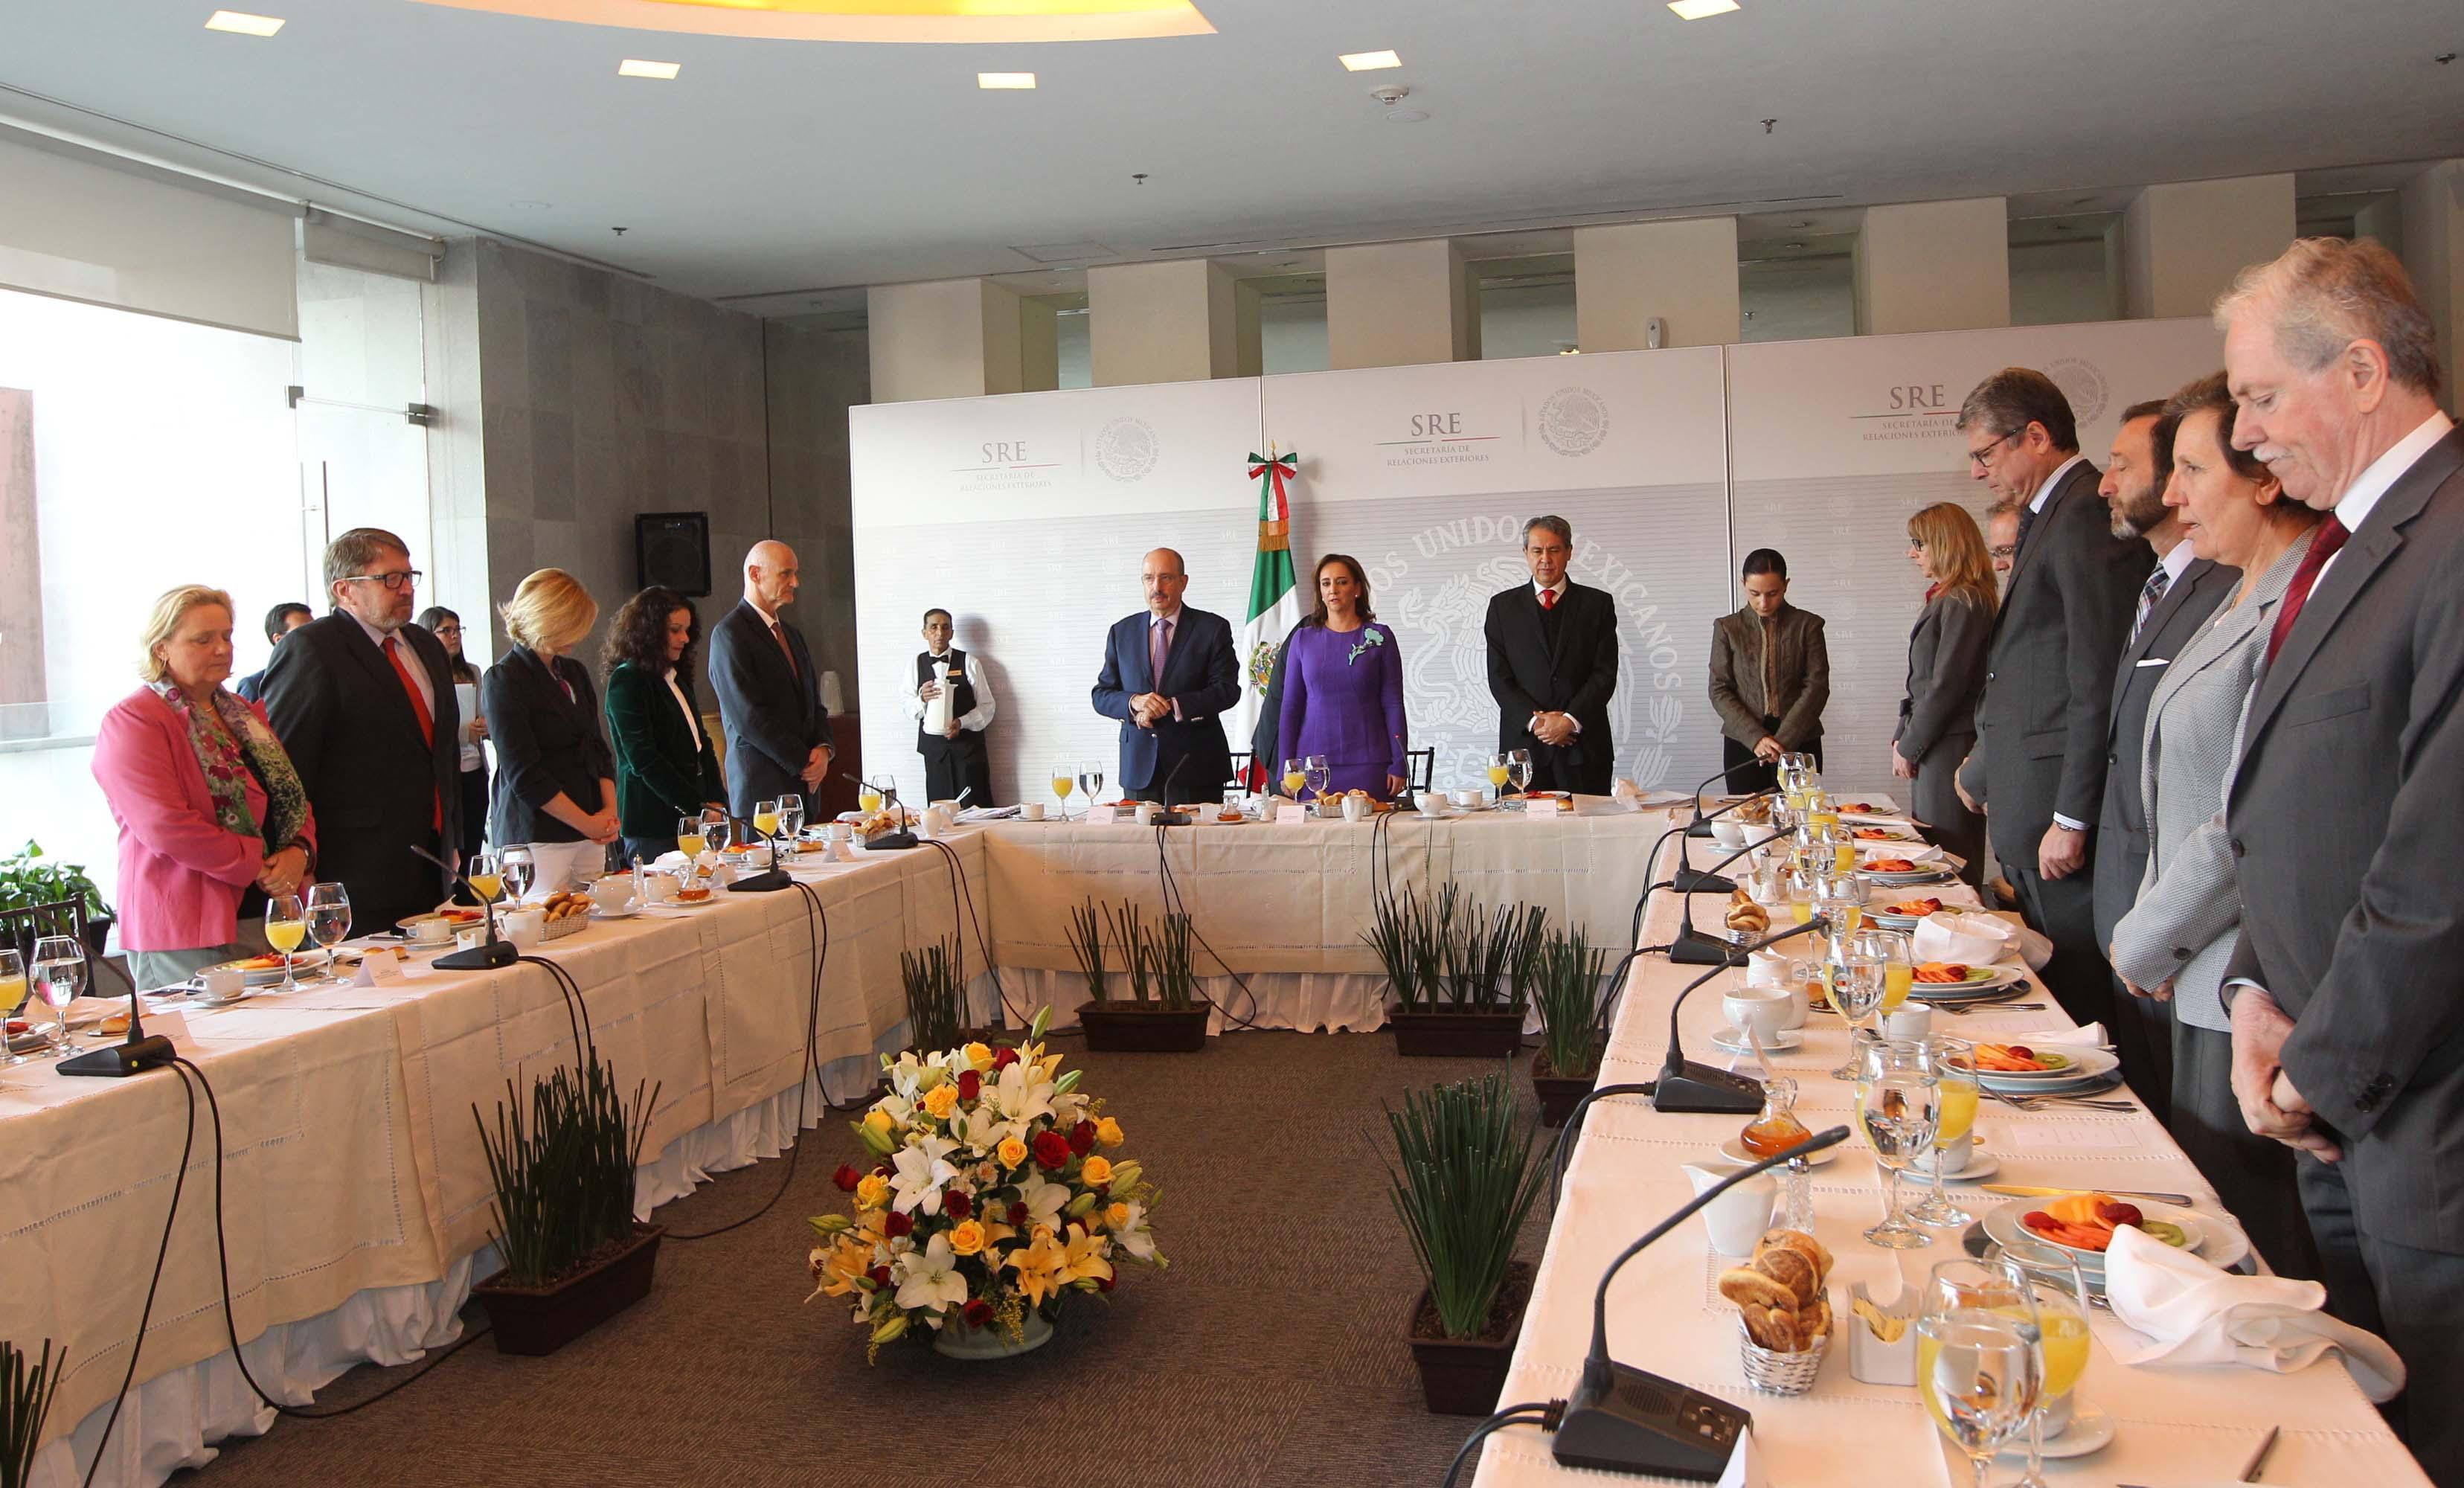 FOTO Reuni n de la Canciller Claudia Ruiz Massieu con Embajadores de la Uni n Europea.jpg